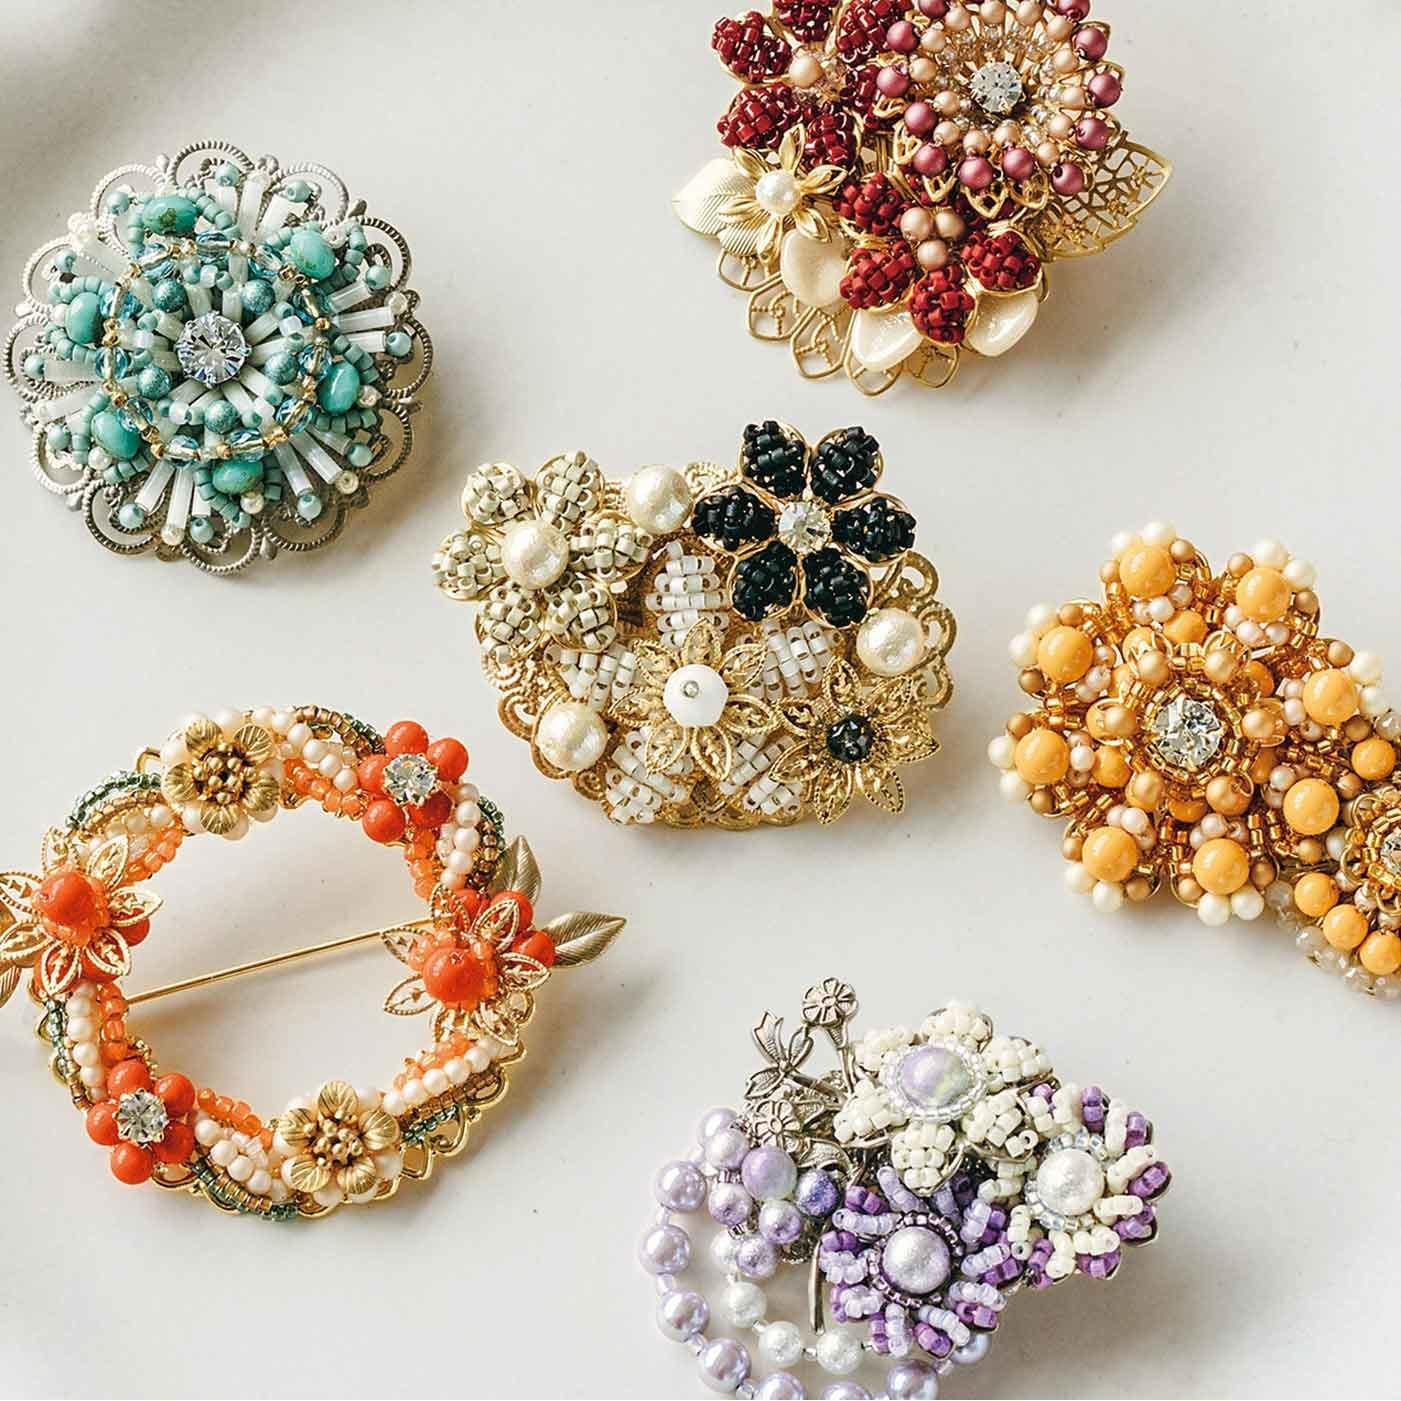 珠のパーツとグラスビーズで華めく コスチュームジュエリーの会